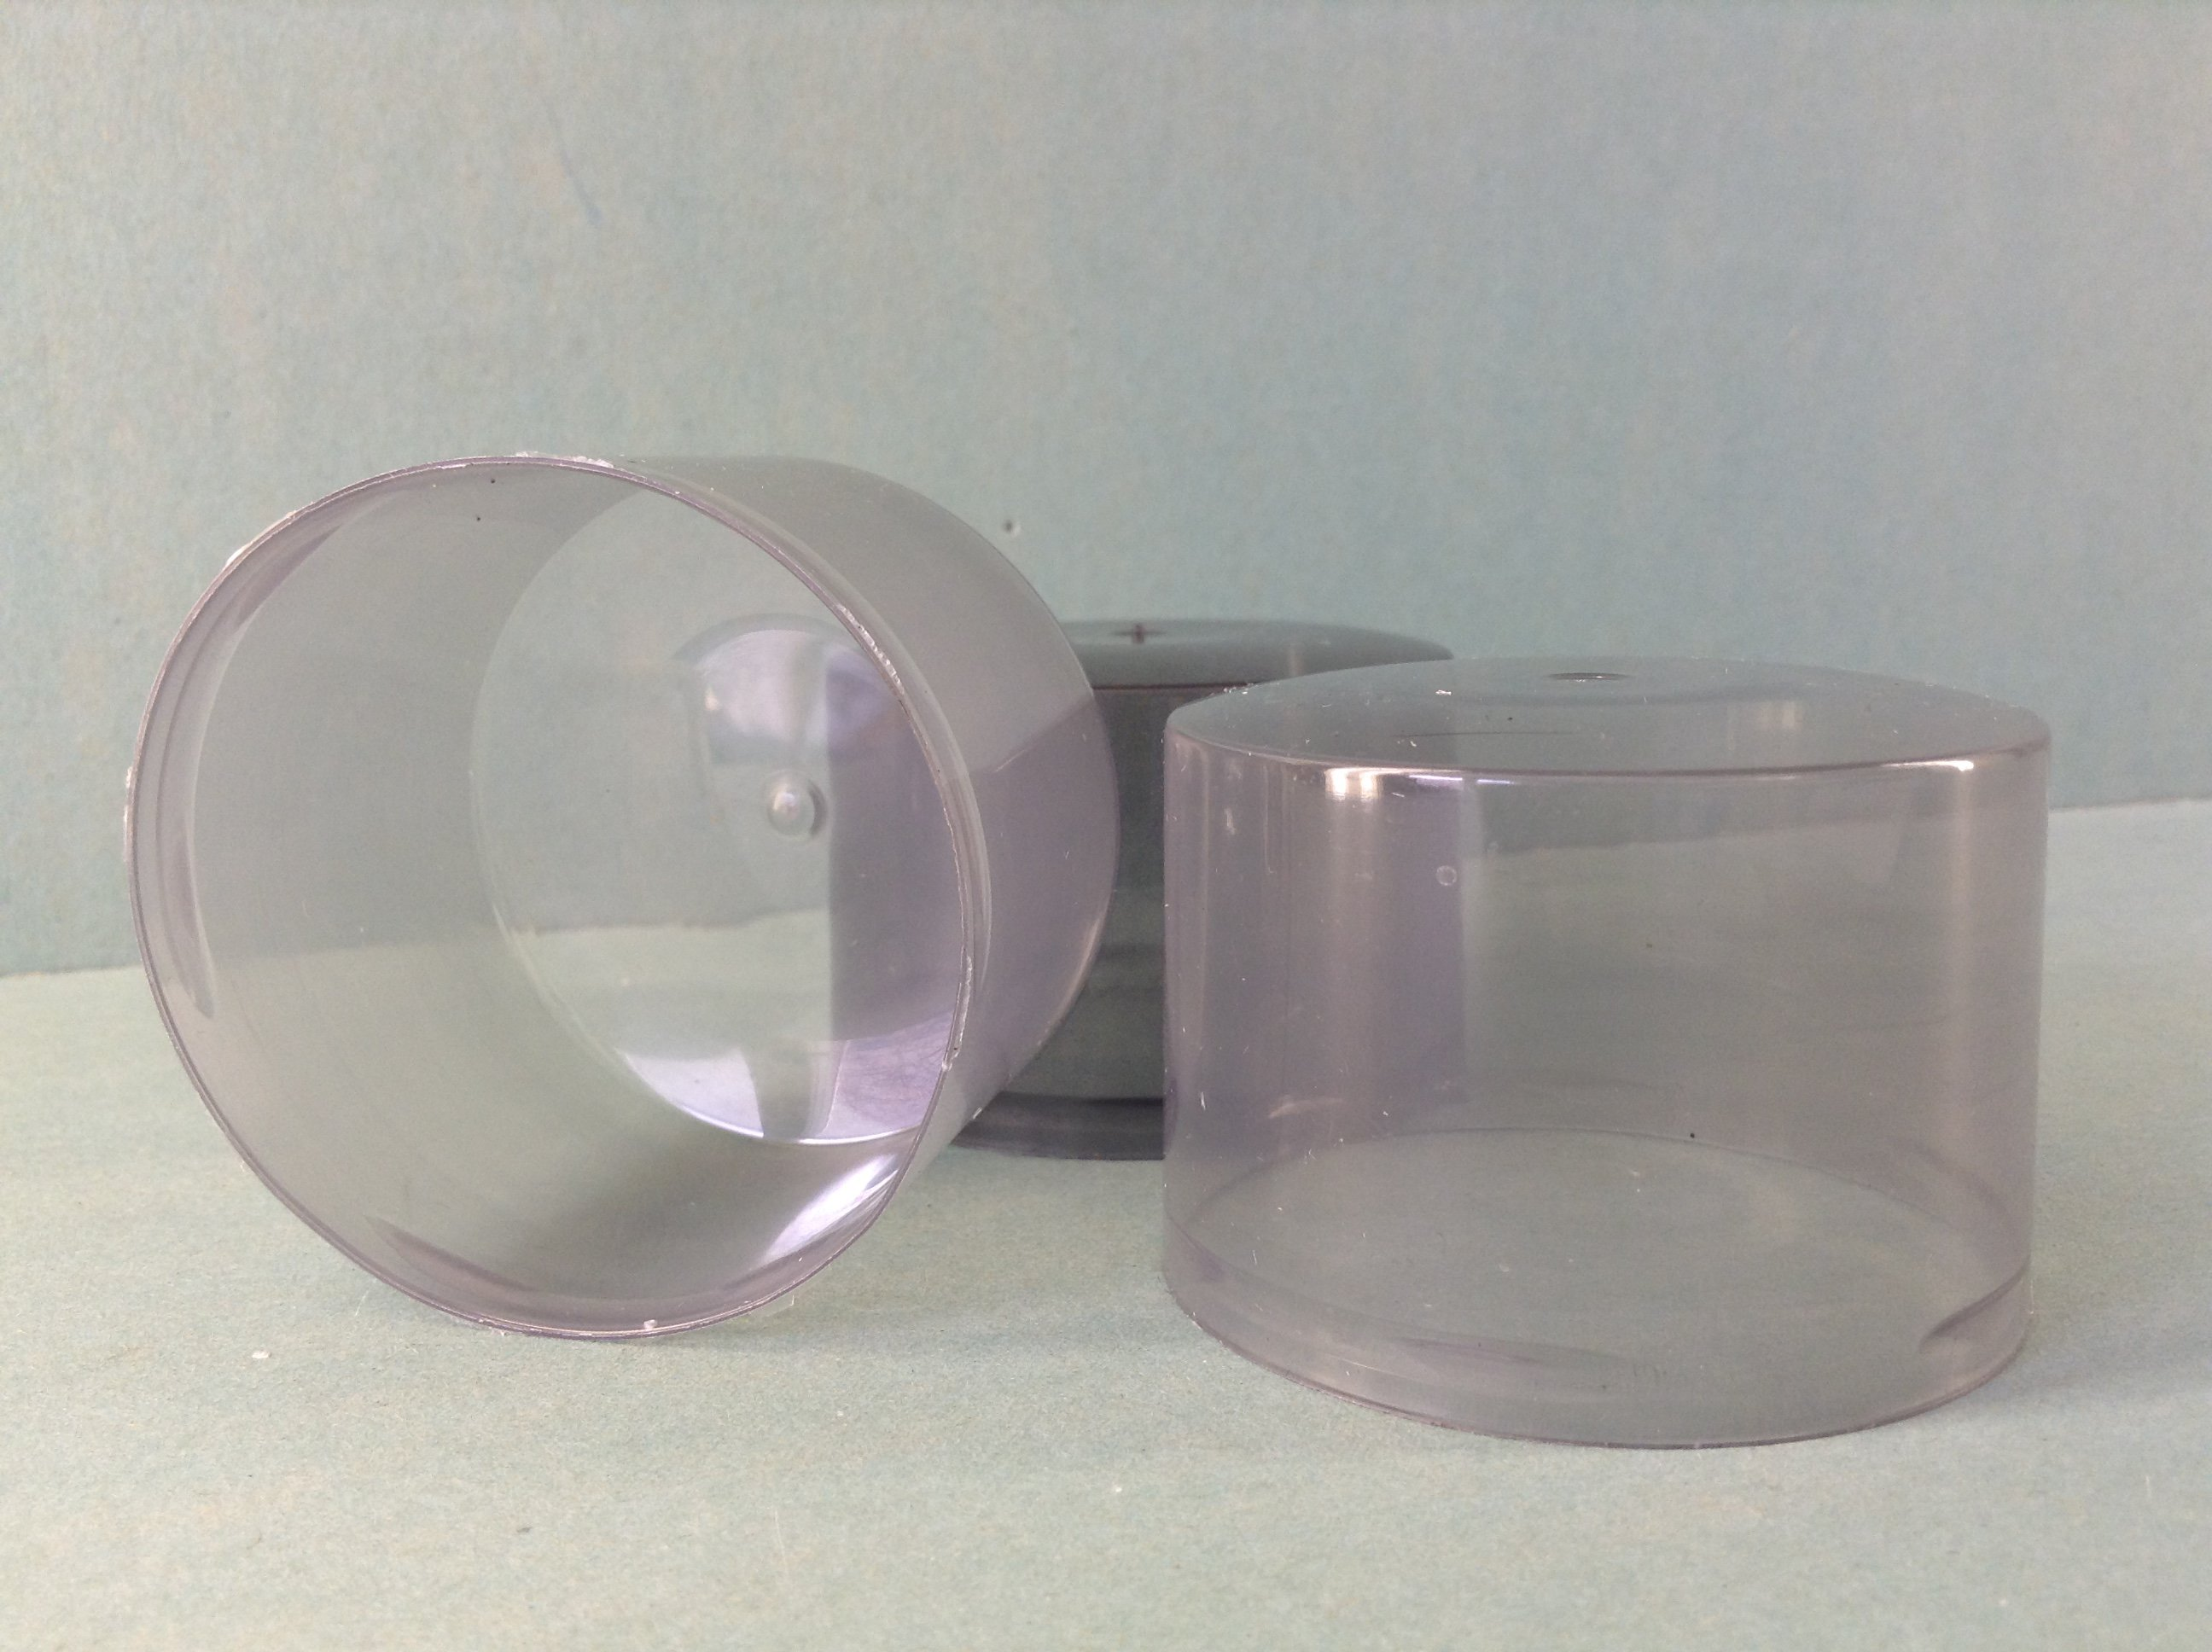 Колпачок 52 НЗК,  D=52 мм, h=35 мм (низкий) для аэрозольных баллонов, серый прозрачный